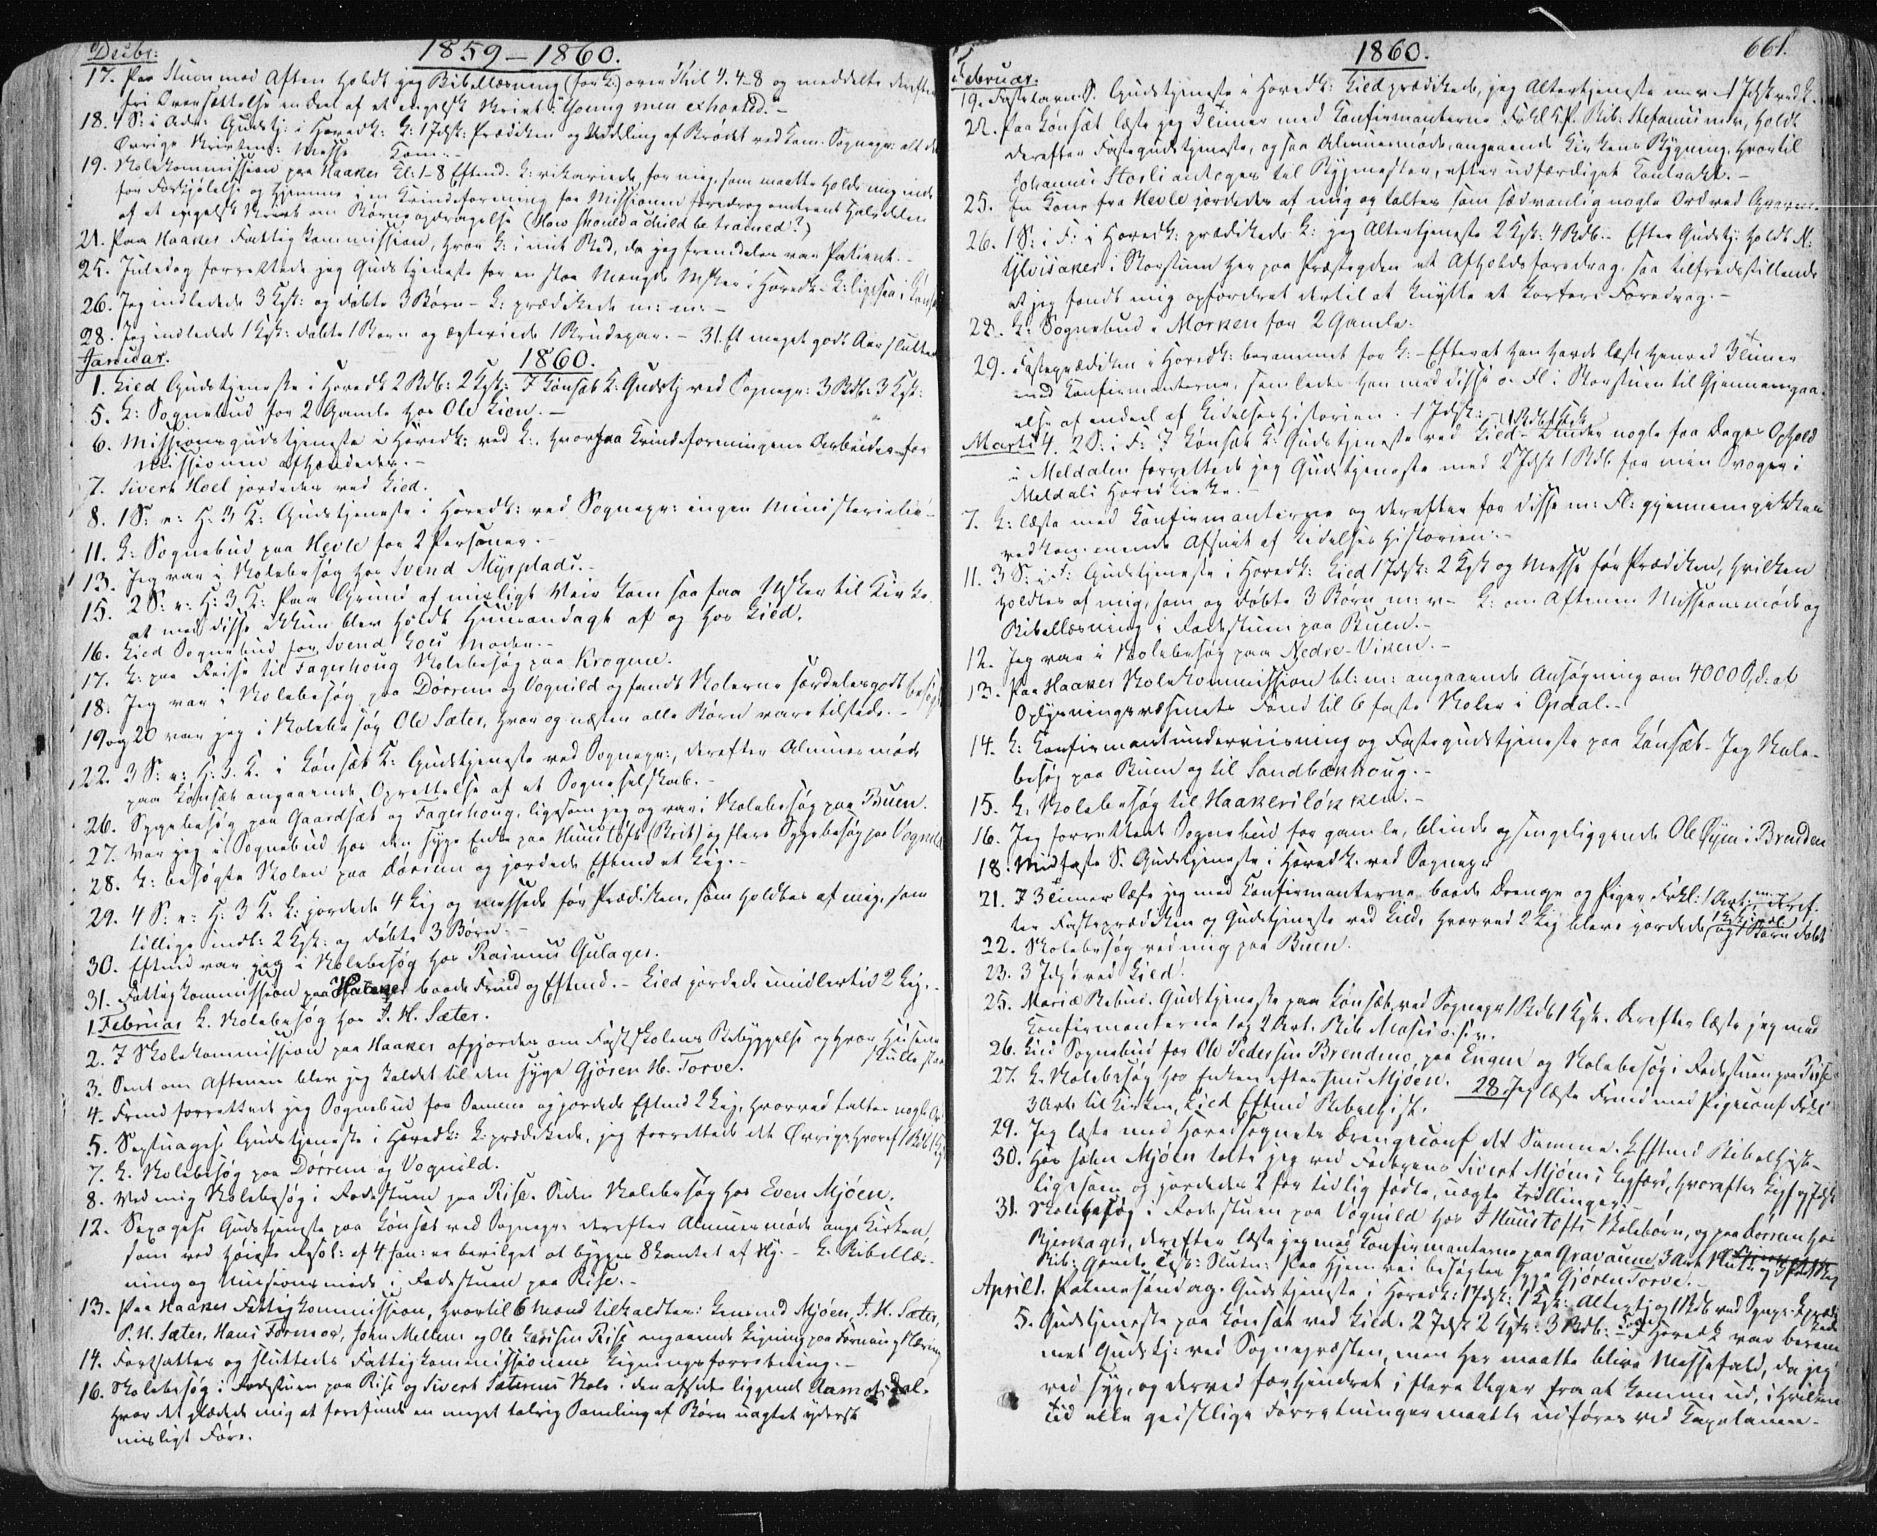 SAT, Ministerialprotokoller, klokkerbøker og fødselsregistre - Sør-Trøndelag, 678/L0899: Ministerialbok nr. 678A08, 1848-1872, s. 661